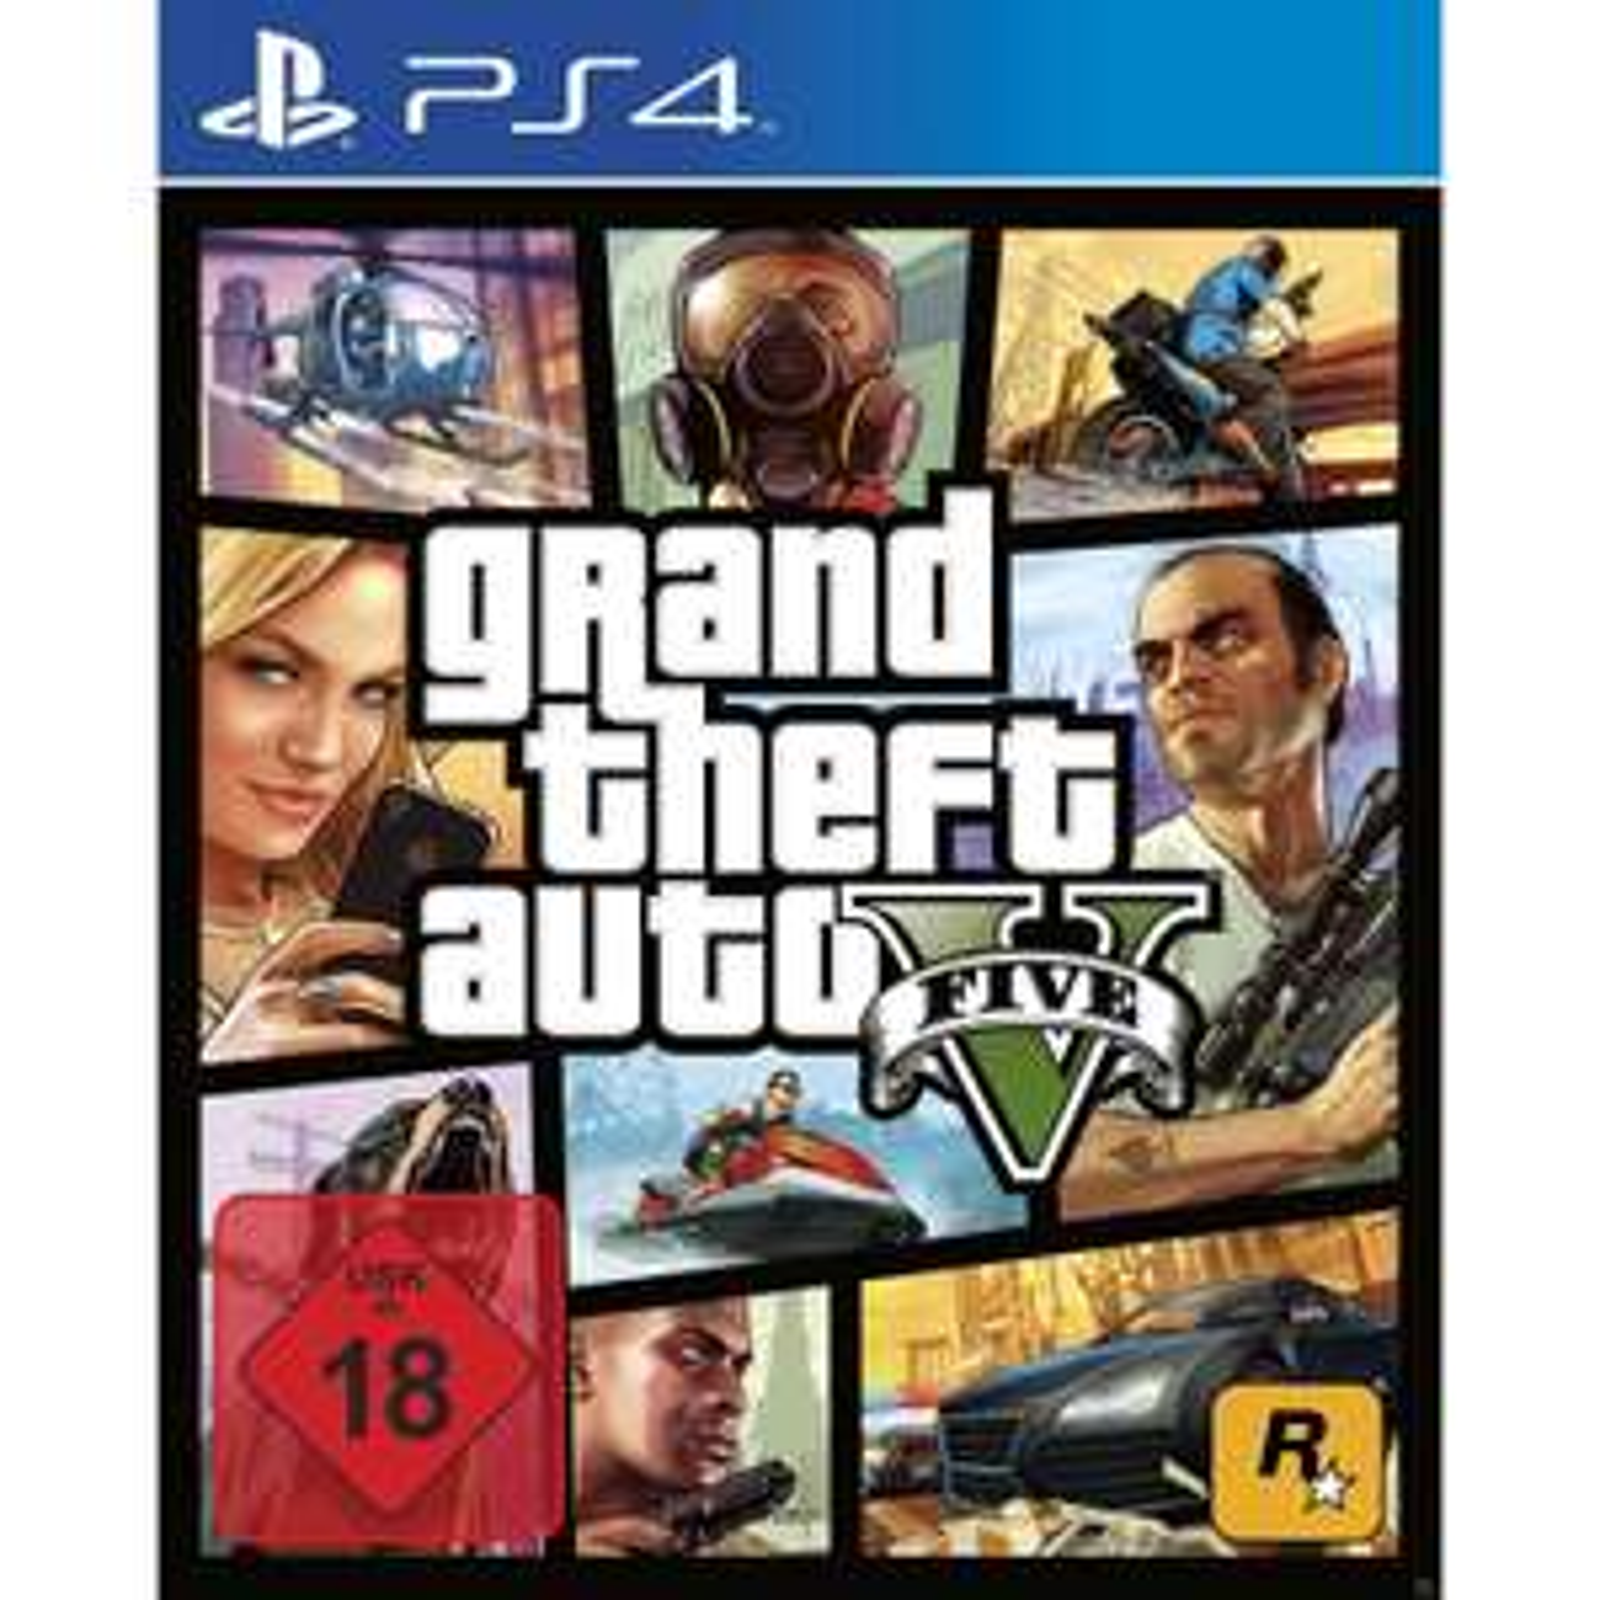 [eBay] [MediaMarkt] GTA 5 - Grand Theft Auto V [PlayStation 4] für 39,00€ mit Click&Collect